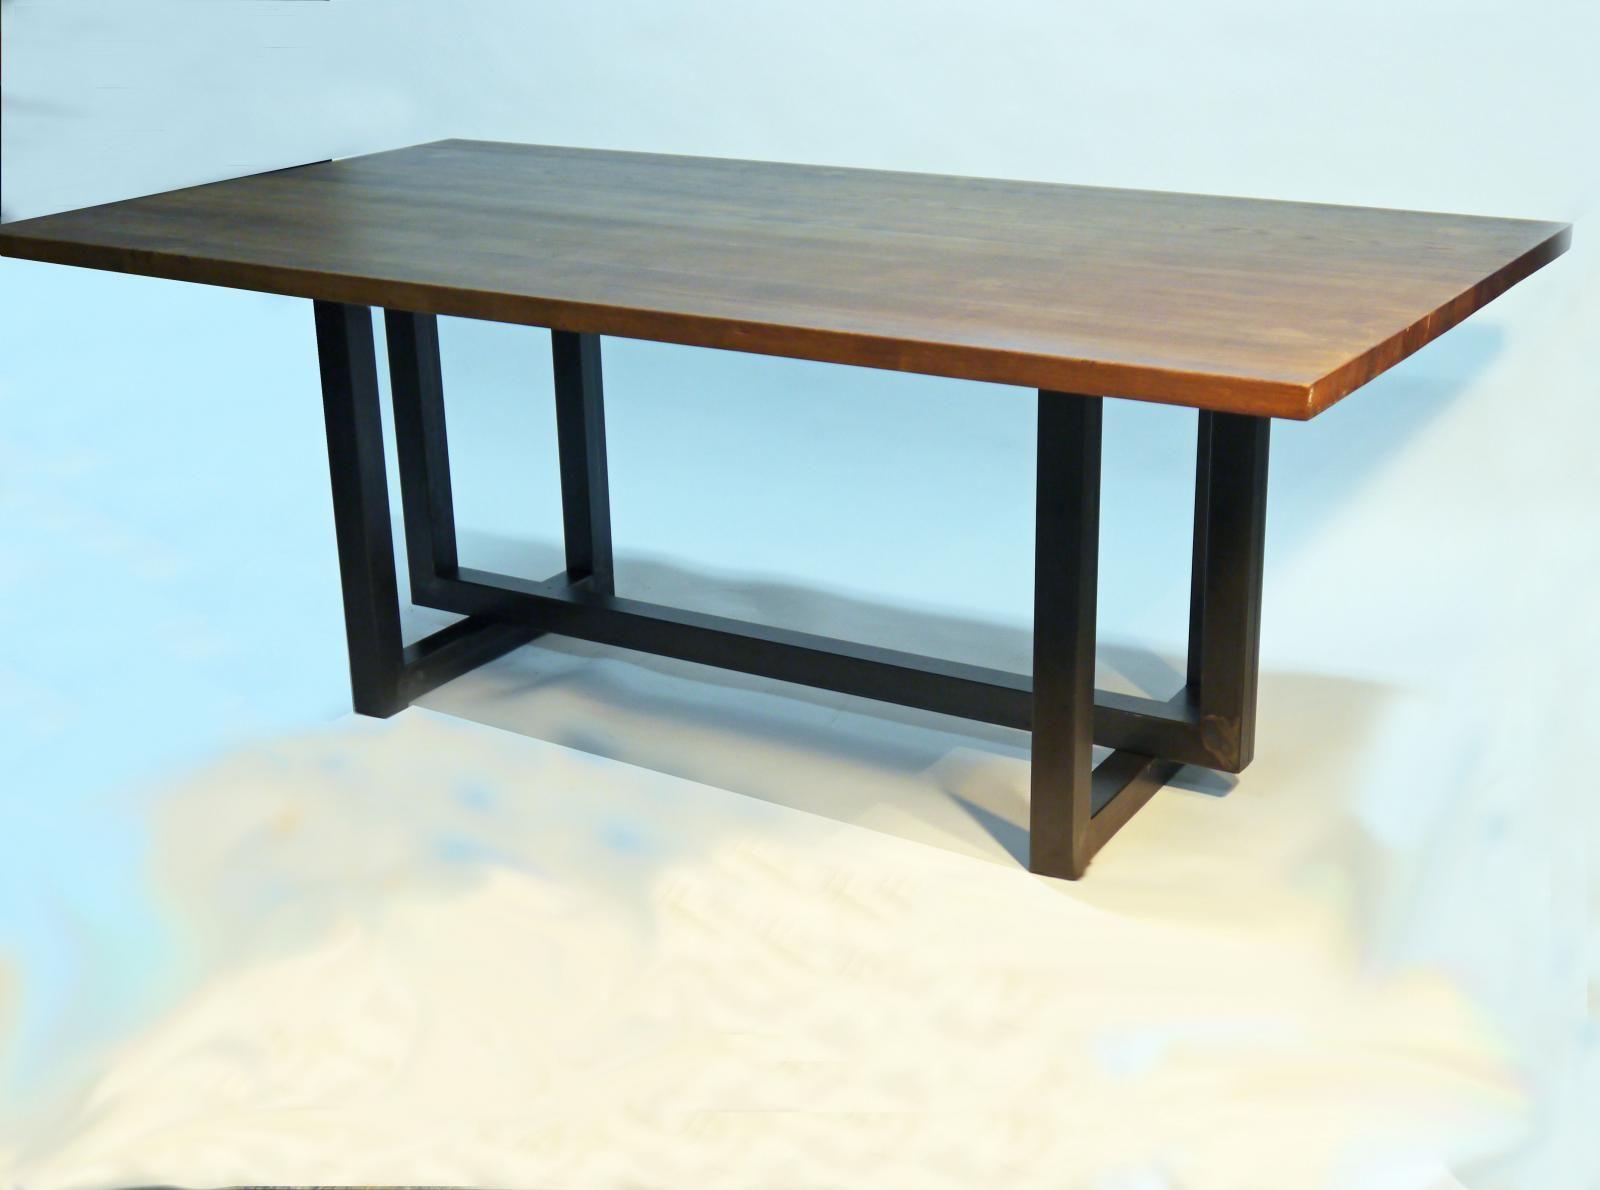 Mesa de comedor manix estilo industrial con sobre de roble for Mesas grandes